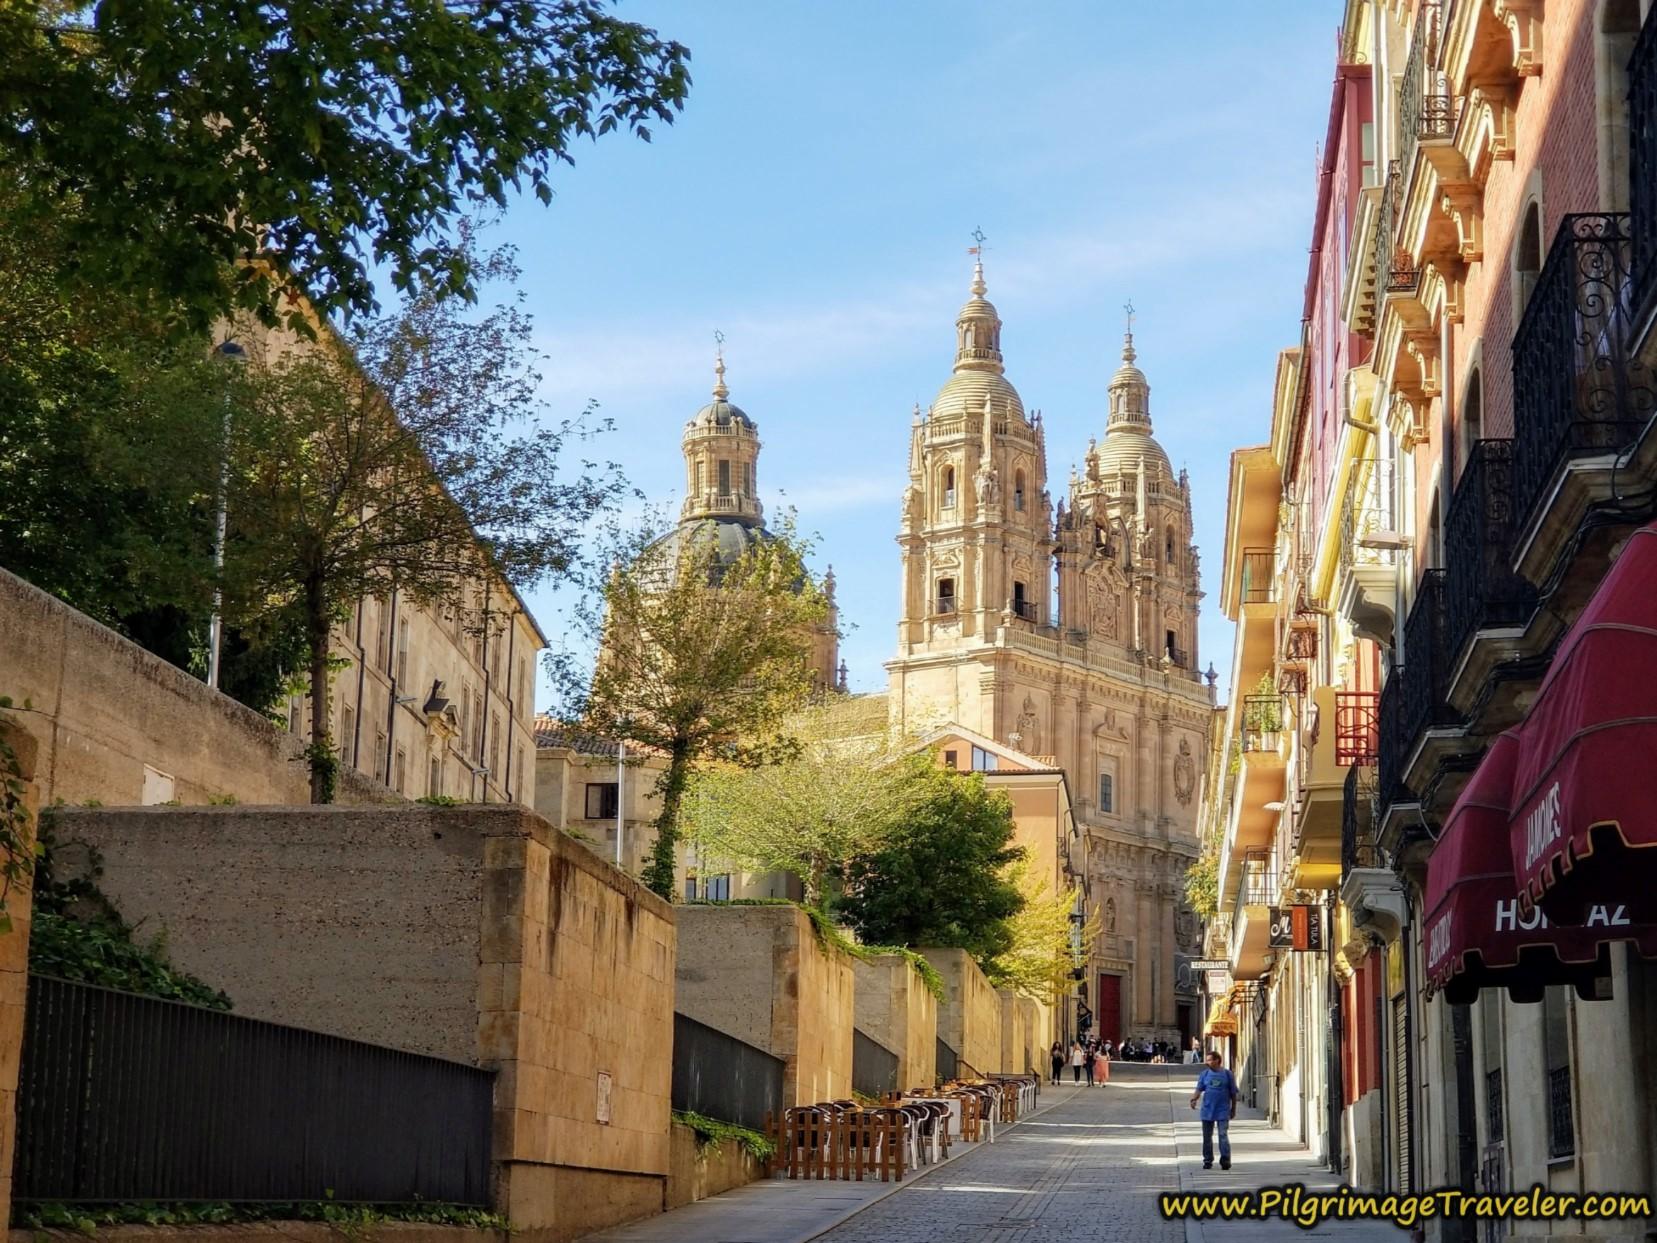 Calle Palominos, View of Iglesia de la Clerecía